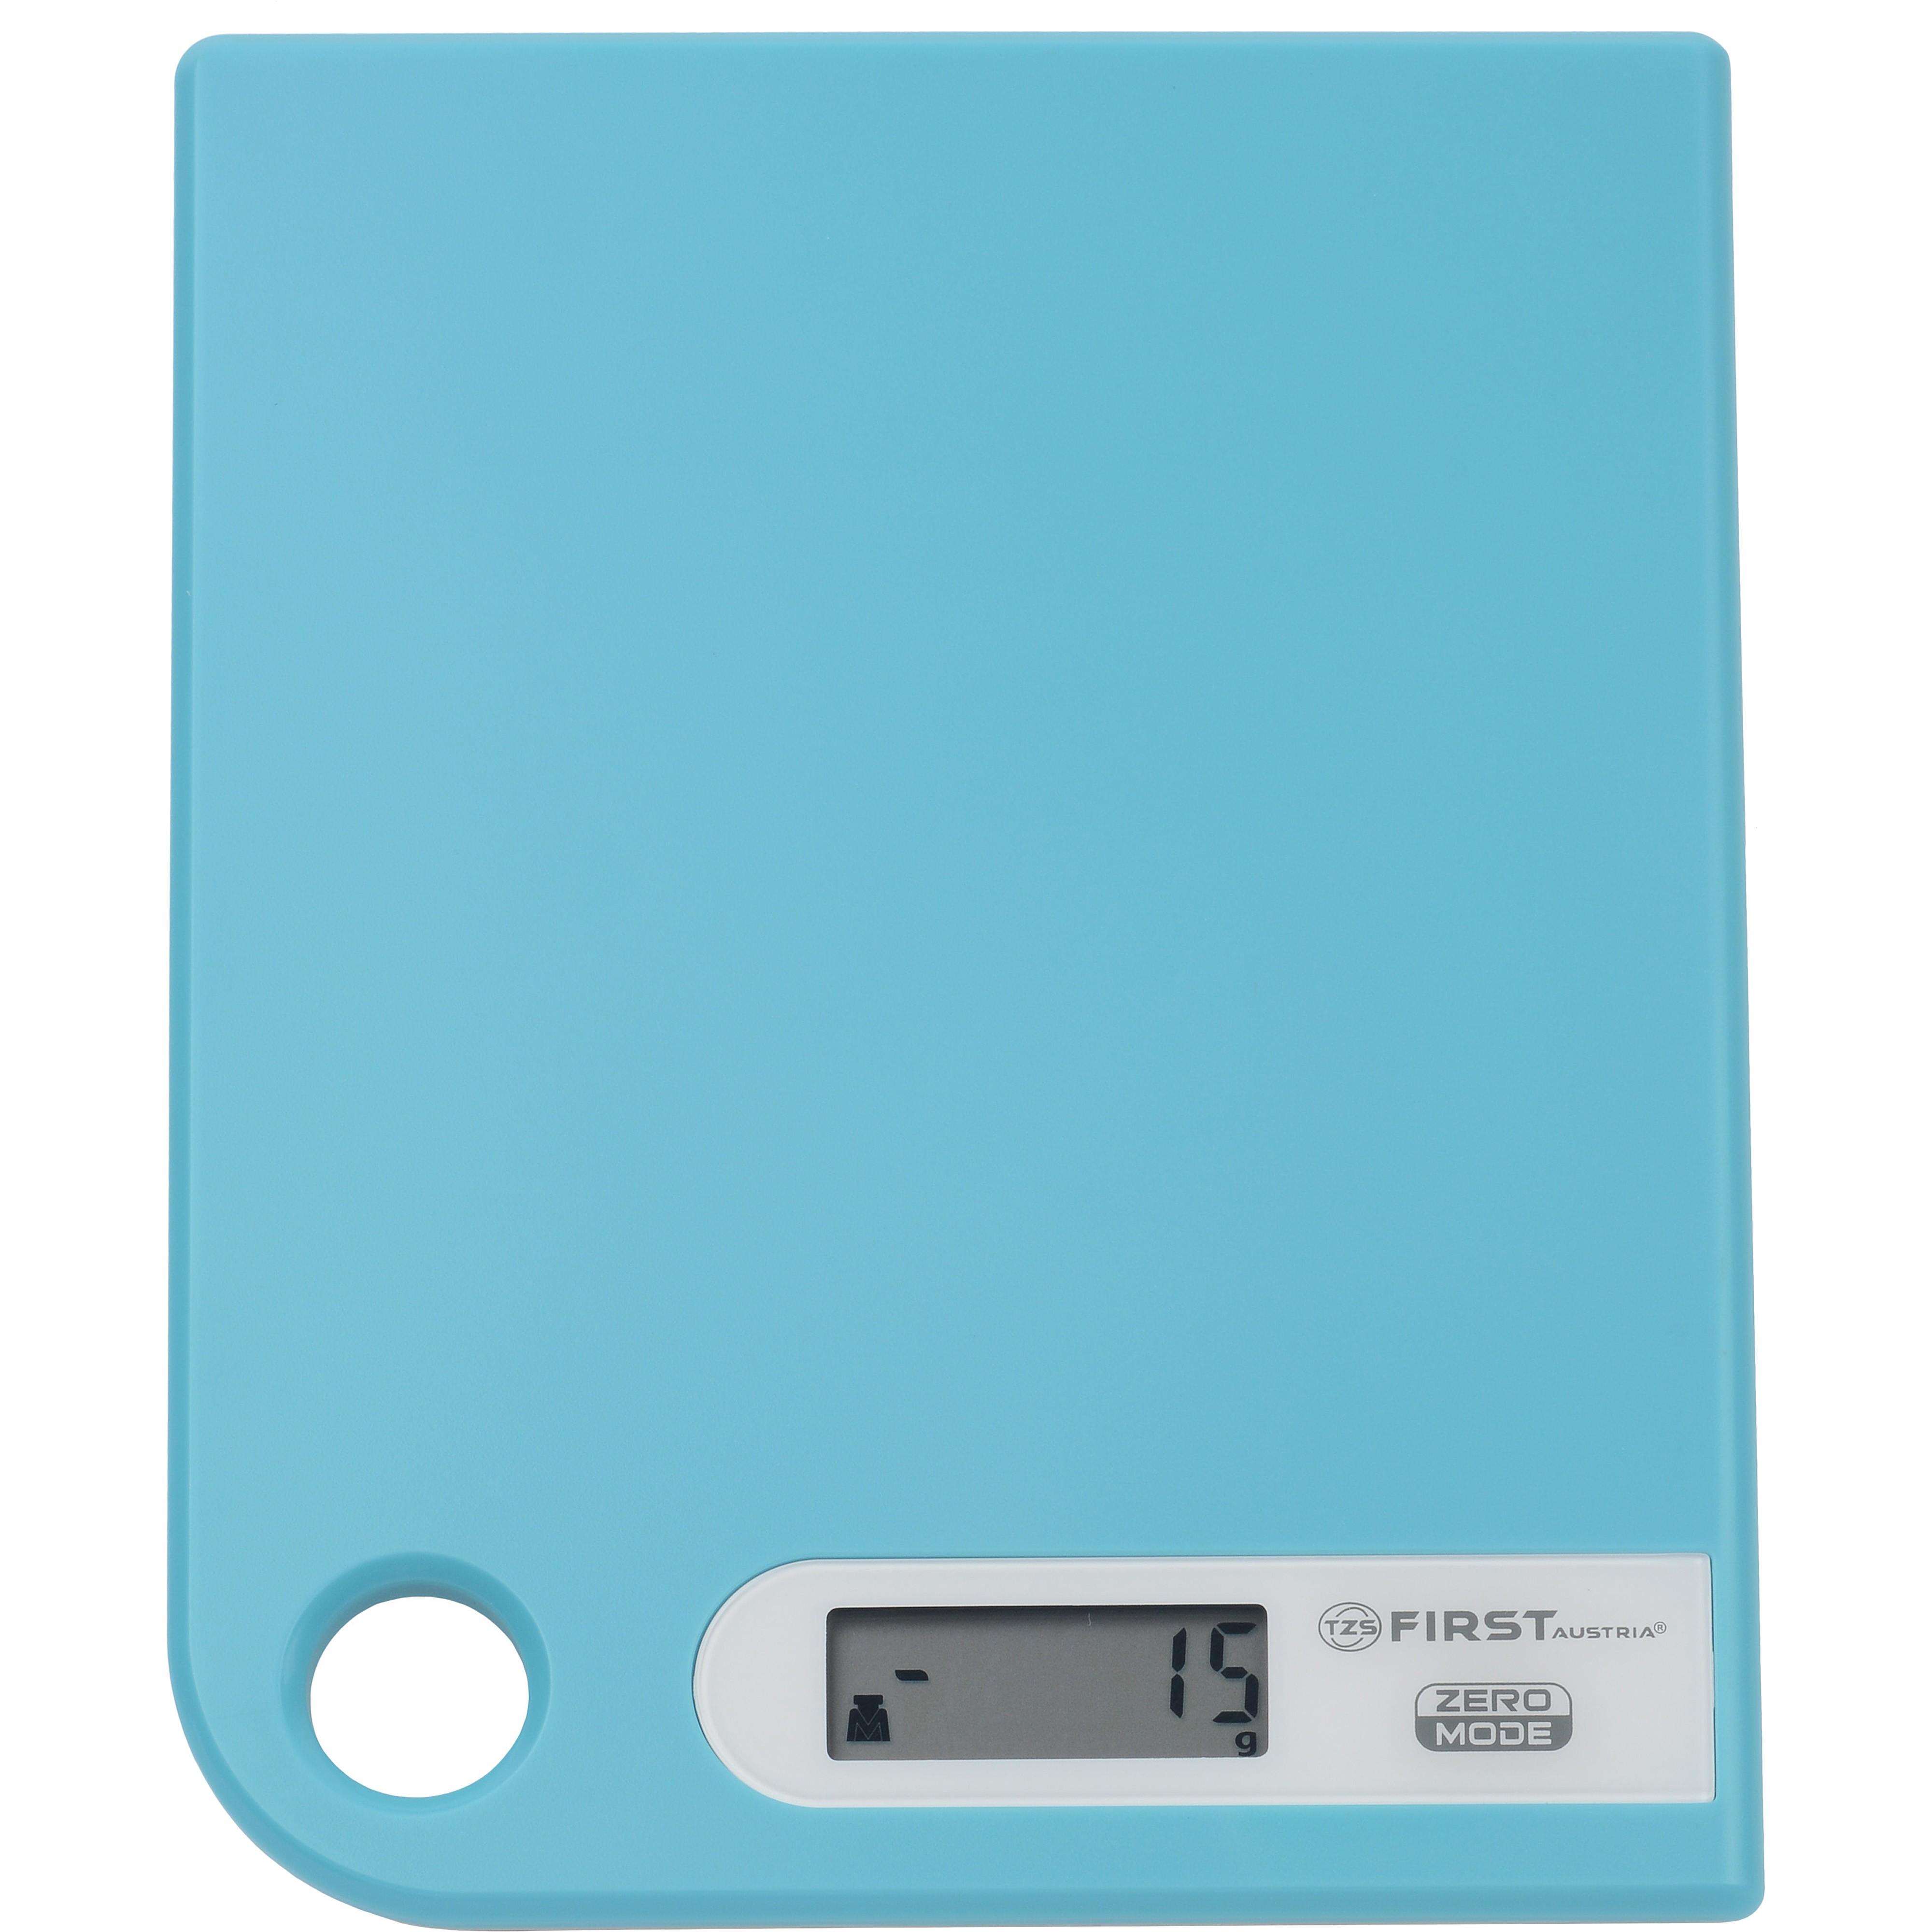 Весы кухонные FIRST 6401-1 blue